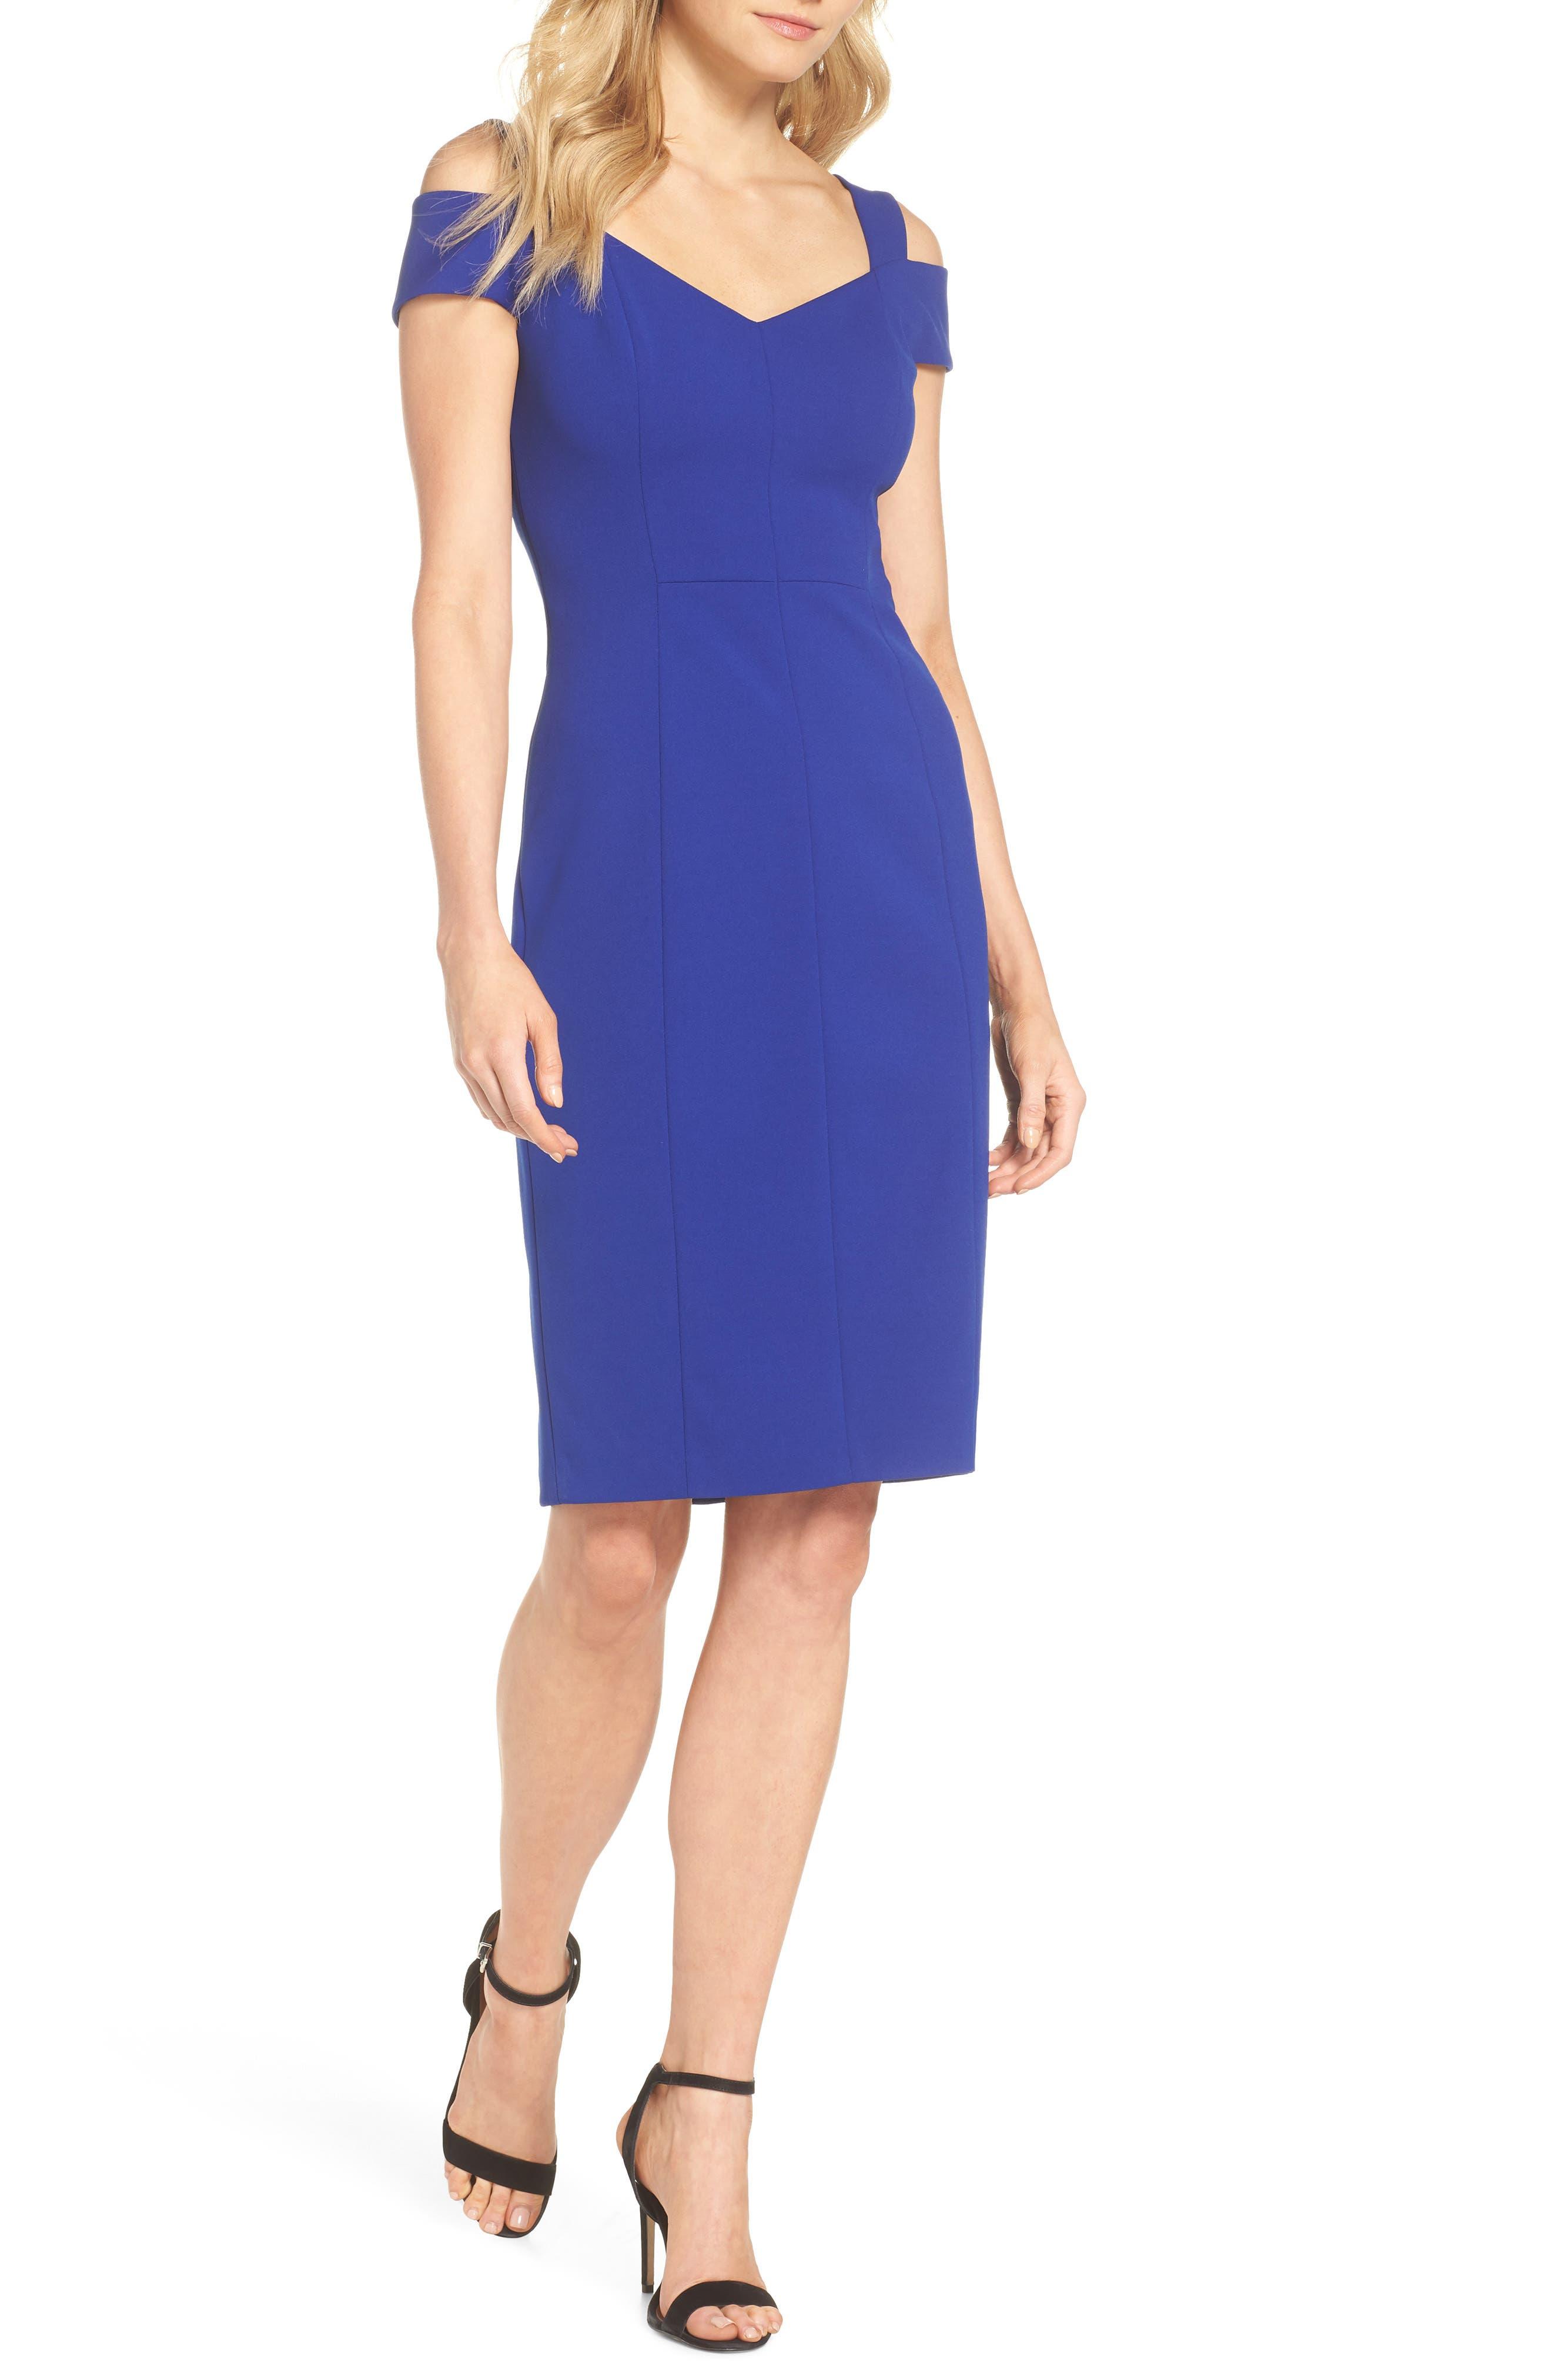 Eliza J Cold Shoulder Sheath Cocktail Dress, 8 (similar to 1) - Blue